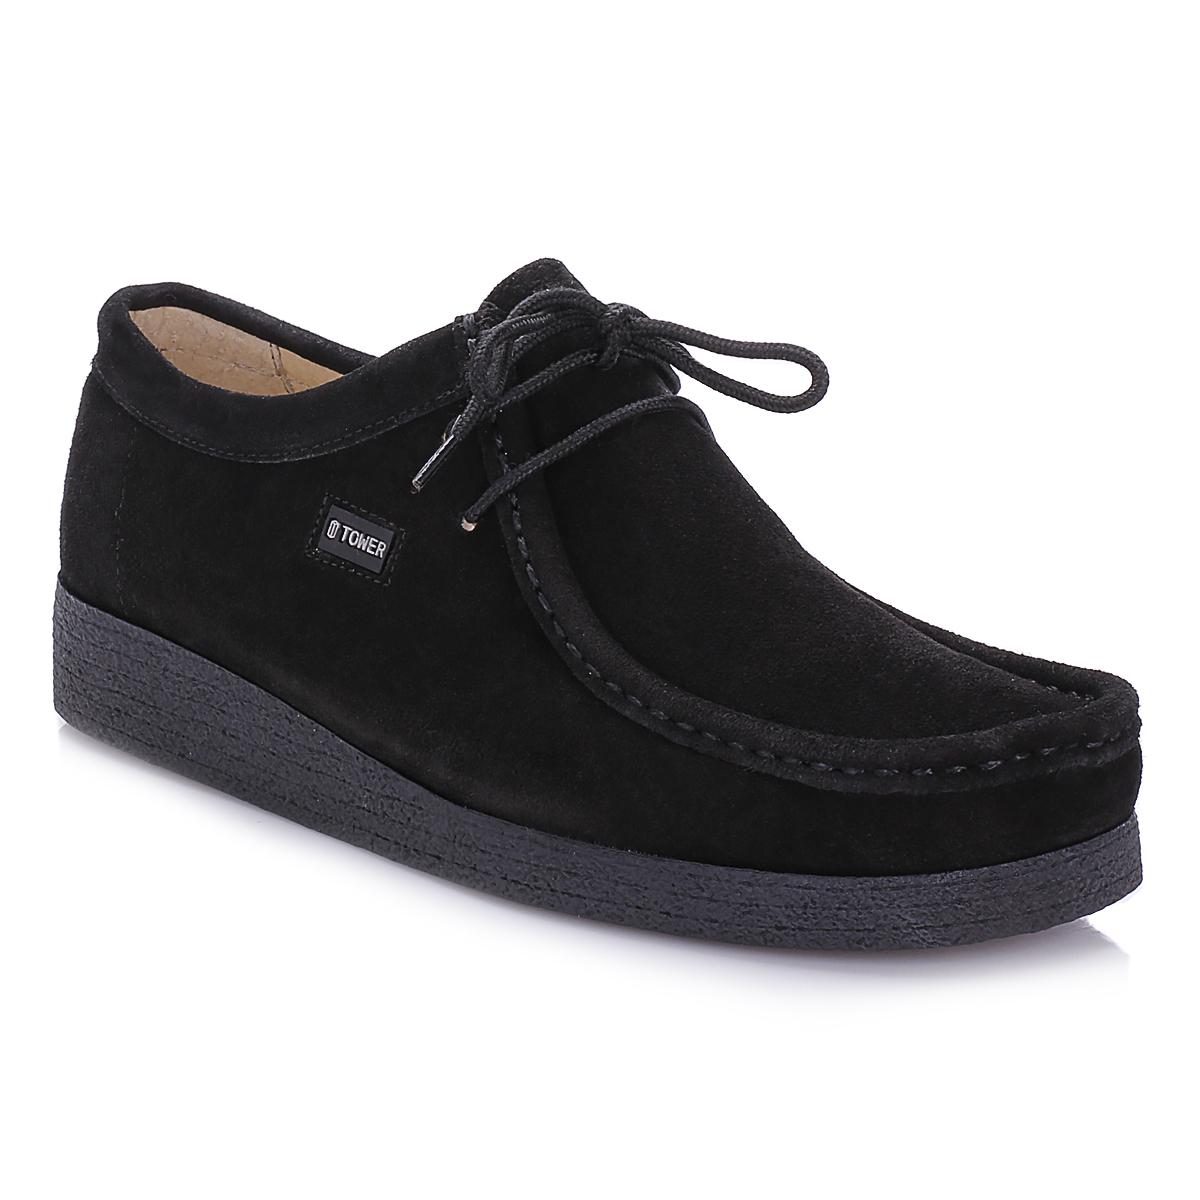 Tower Footwear Negro Wallabee Suede Zapatos-UK 5 oHIdFov